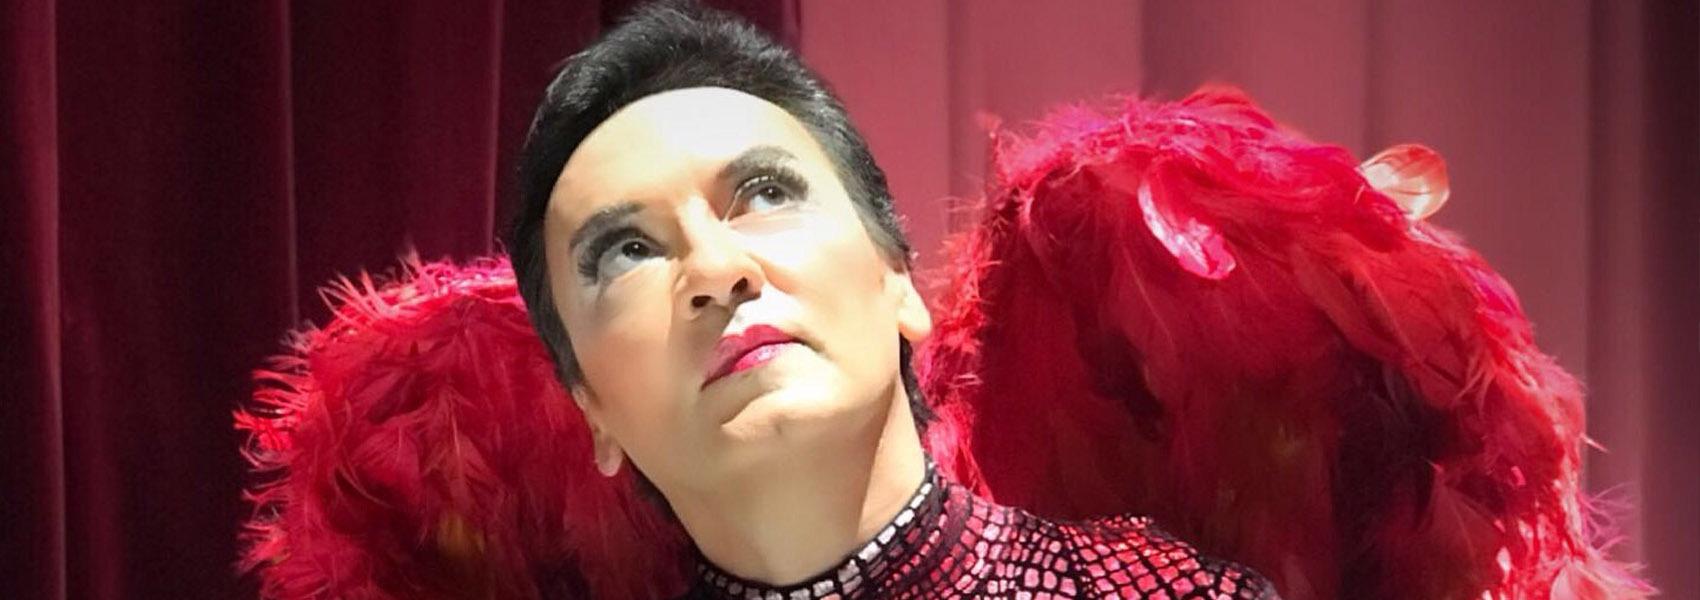 '¡Sereno!… ábreme la Zarzuela' una espectáculo de Enrique Viana